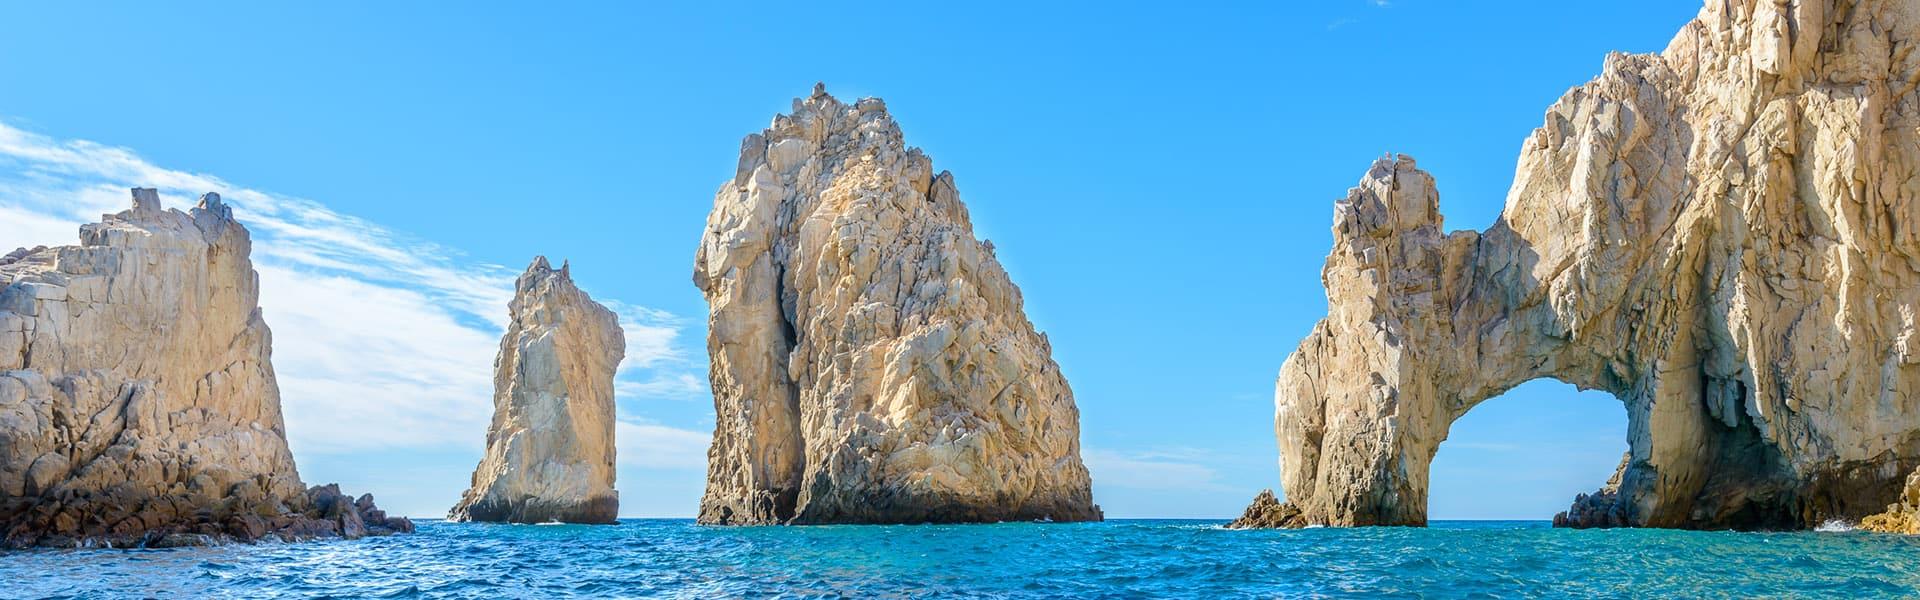 Mexikanische Riviera: Cabo und Puerto Vallarta